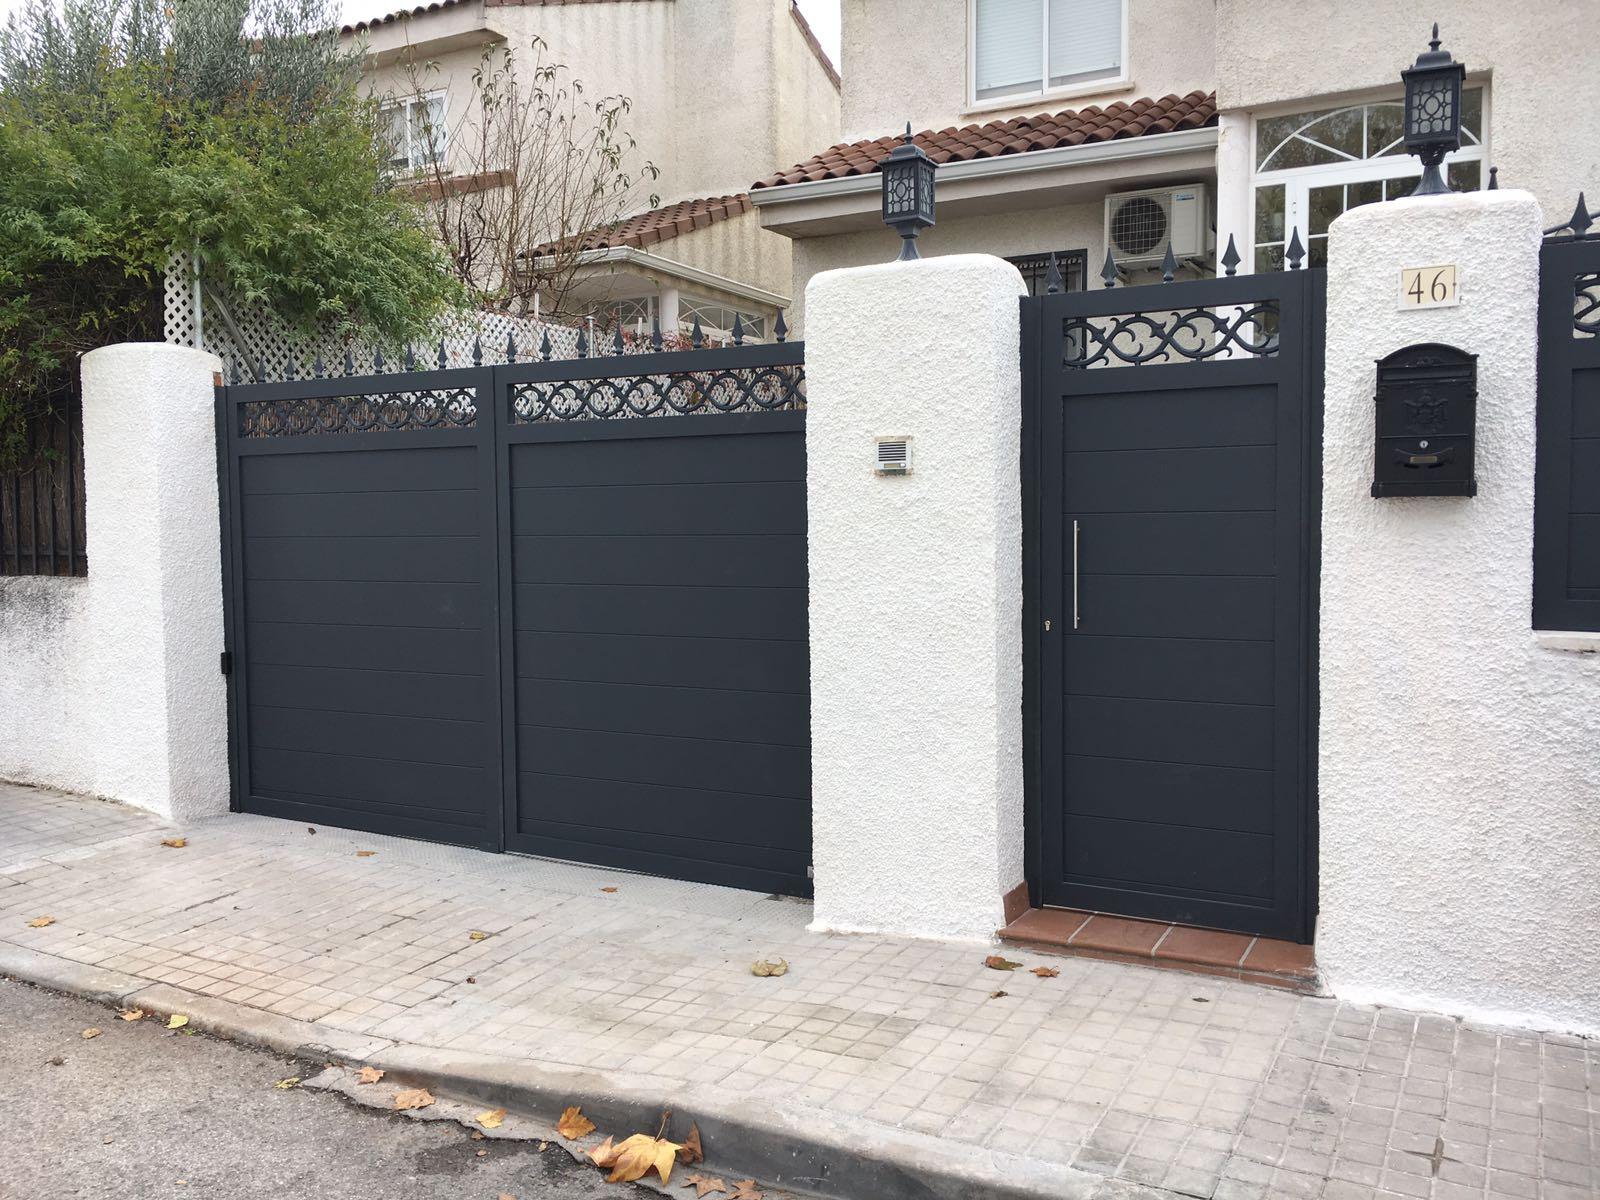 Puertas de forja exterior puerta de forja modelo pfml puertas de fierro para el exterior con - Puertas forja exterior ...